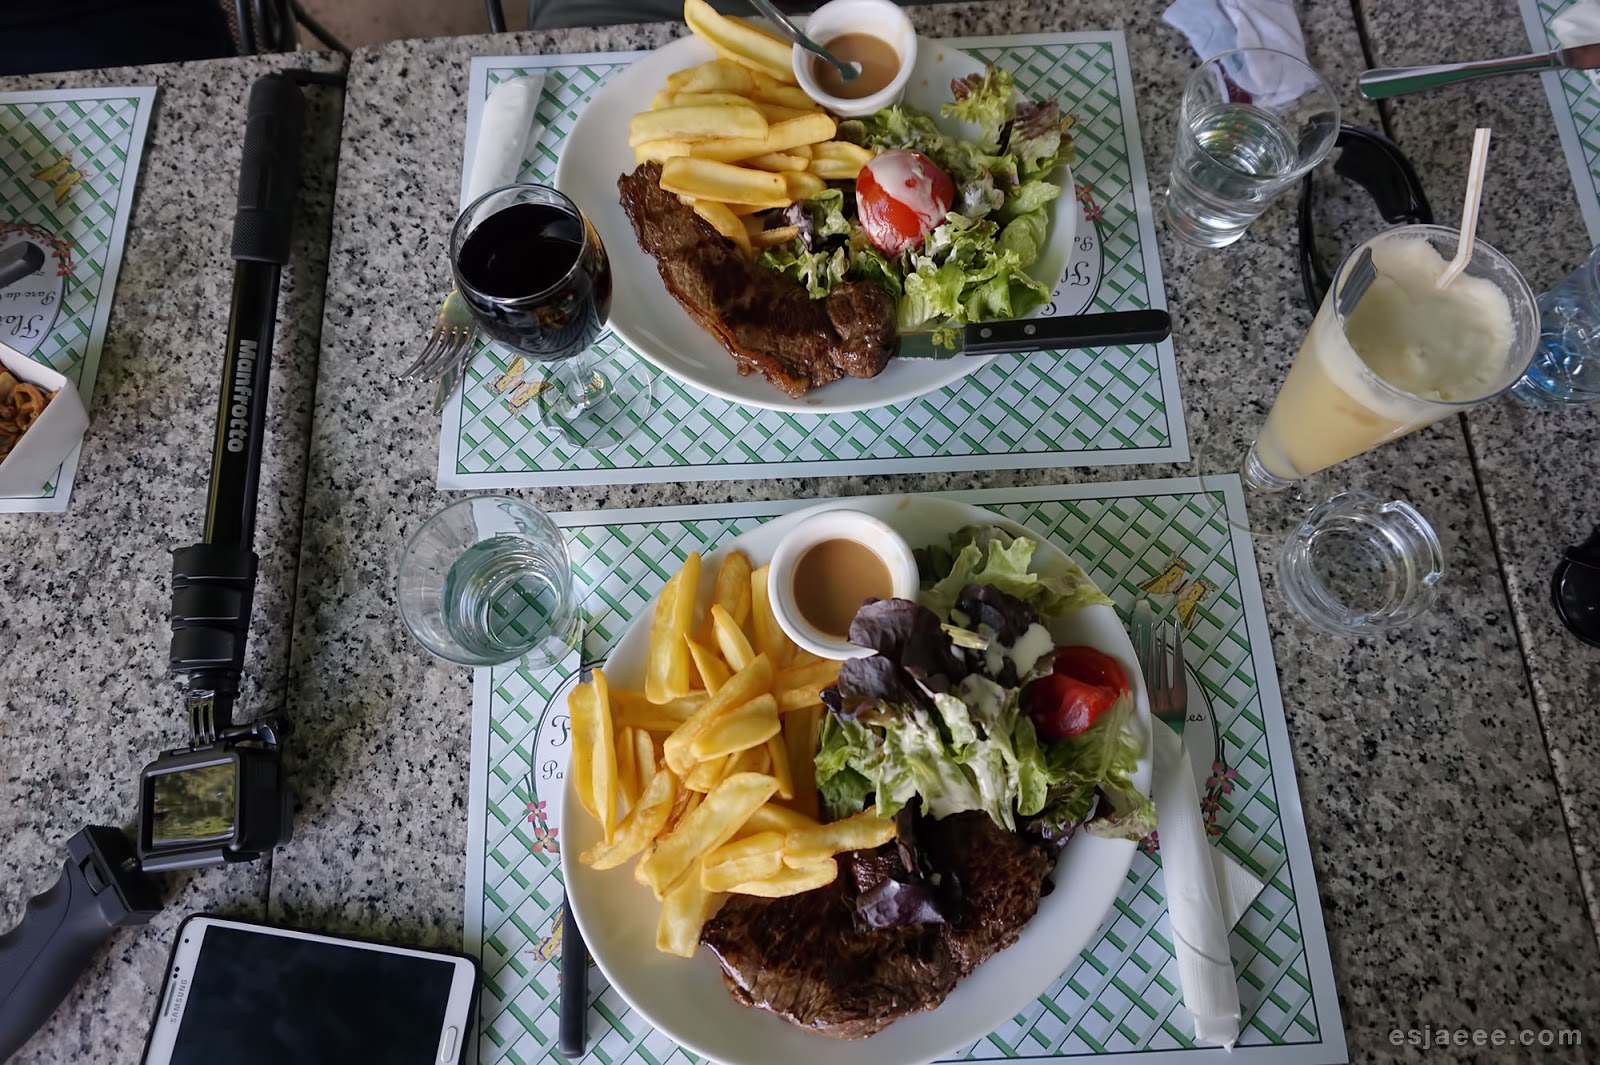 Lunch at La Flottille